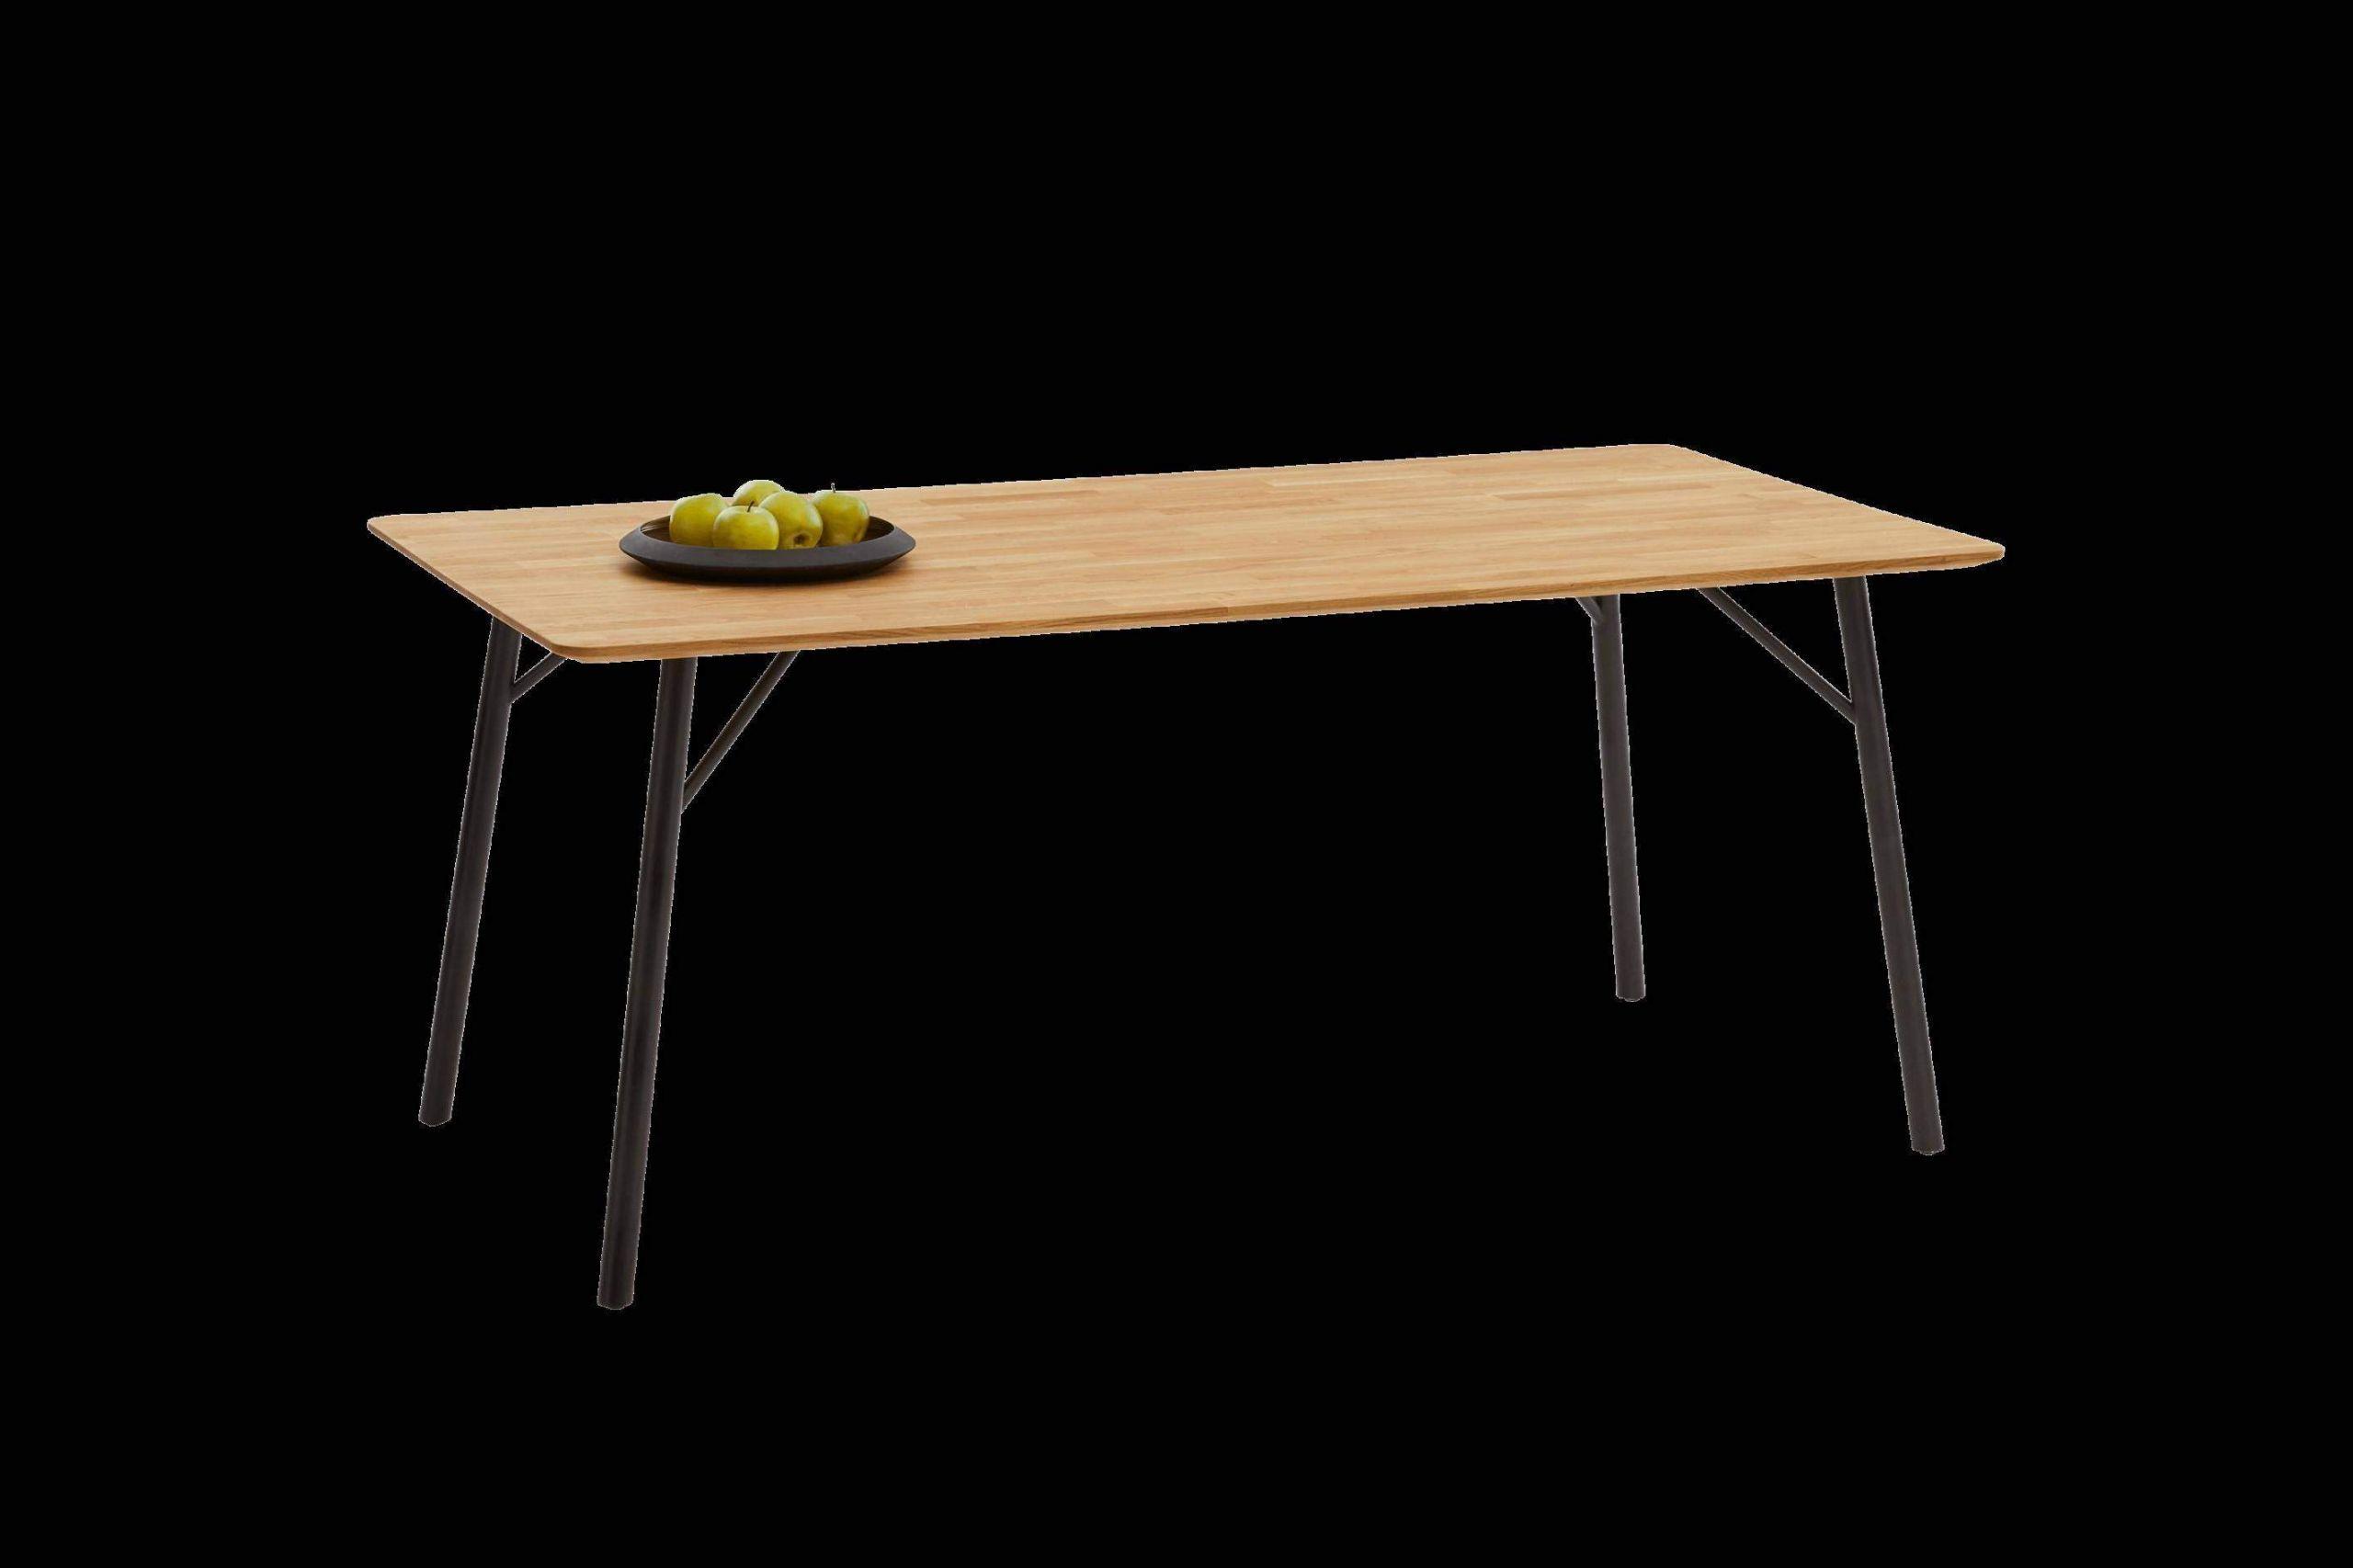 Full Size of Gartentisch Ikea Tische Wohnzimmer Genial Tisch Spiegel Sofa Mit Schlaffunktion Küche Kosten Betten 160x200 Bei Kaufen Modulküche Miniküche Wohnzimmer Gartentisch Ikea